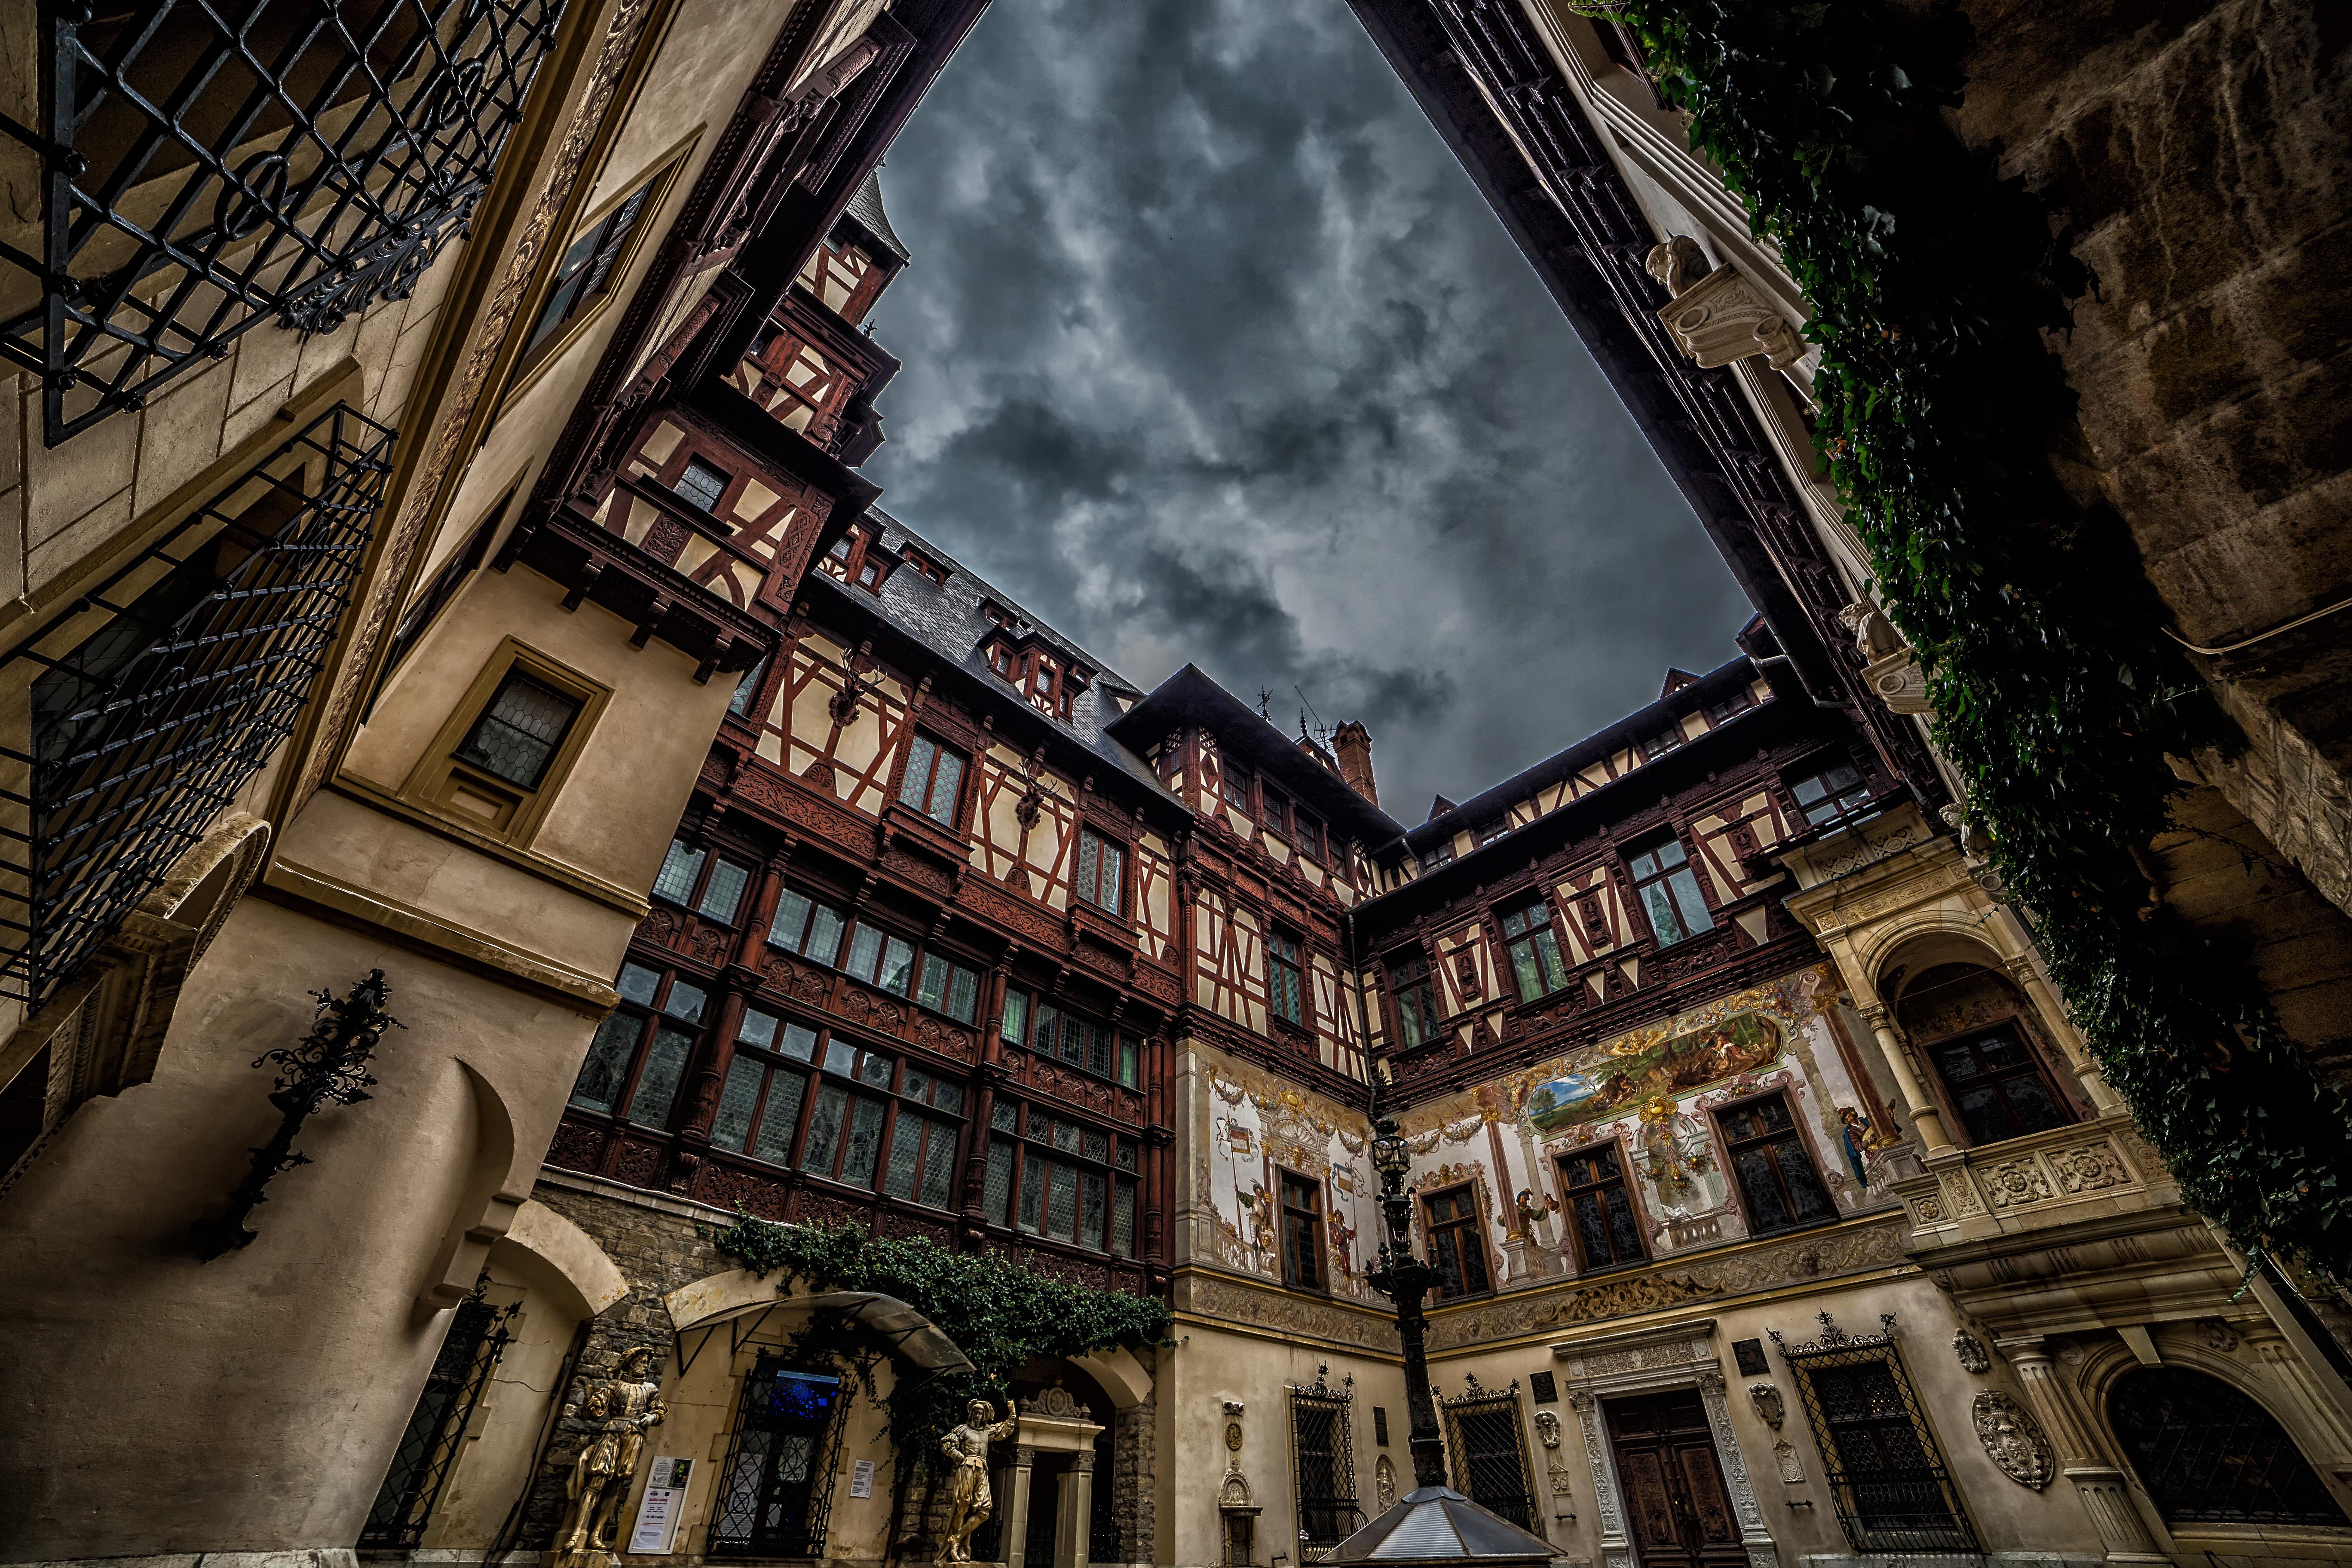 Un palacio de arquitectura neorrenacentista con toques sajones - Rumanía Circuito Rumanía histórica